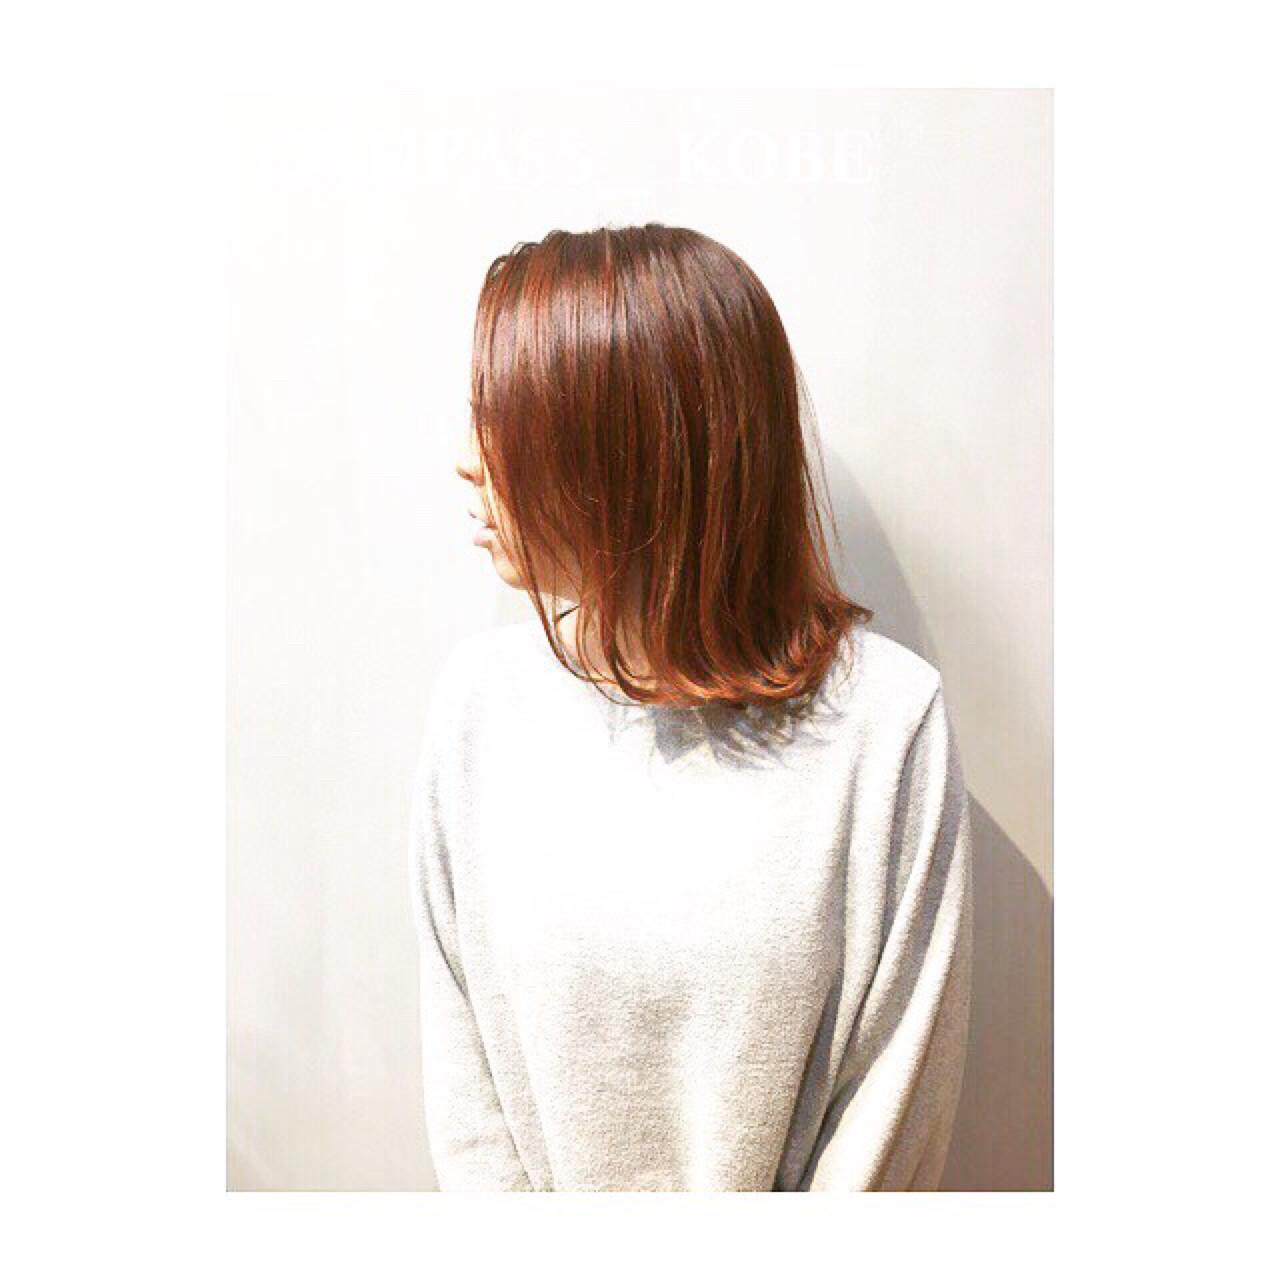 アプリコット アプリコットオレンジ ブラウン ナチュラル ヘアスタイルや髪型の写真・画像